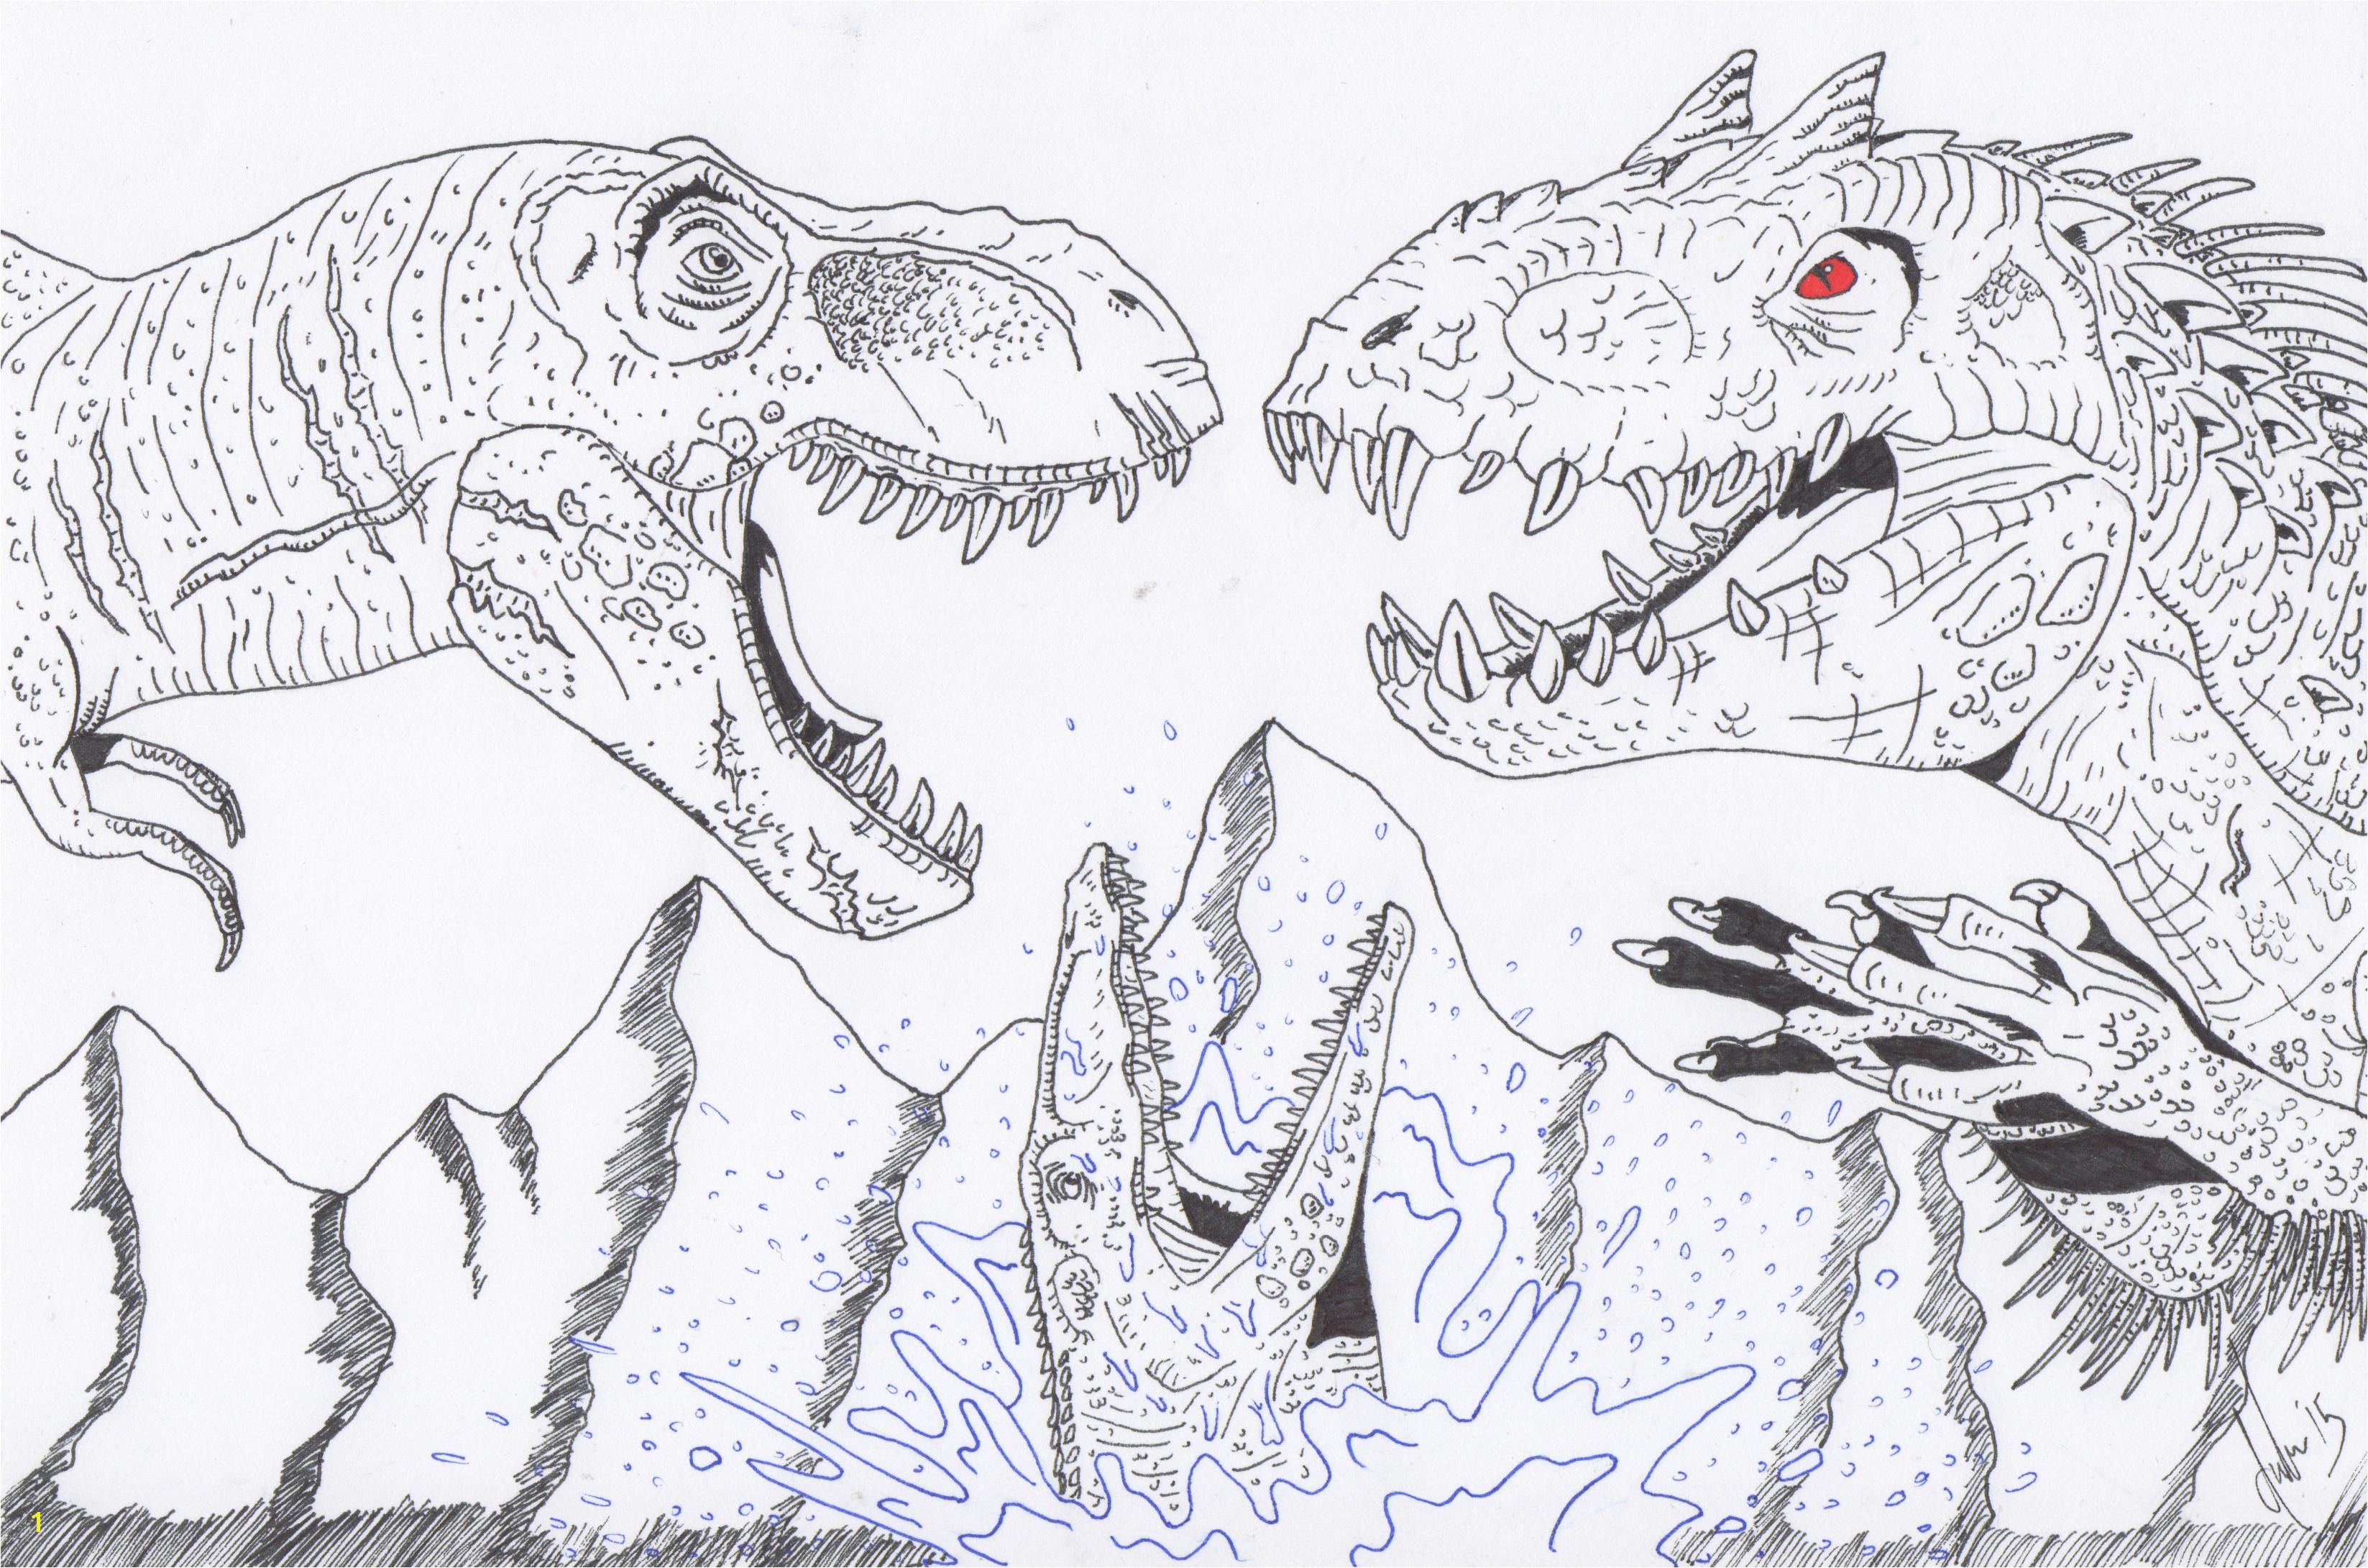 Ausmalbilder Jurassic Park Schön Jurassic Park Spinosaurus Coloring Pages Jurassic Park Jurassic